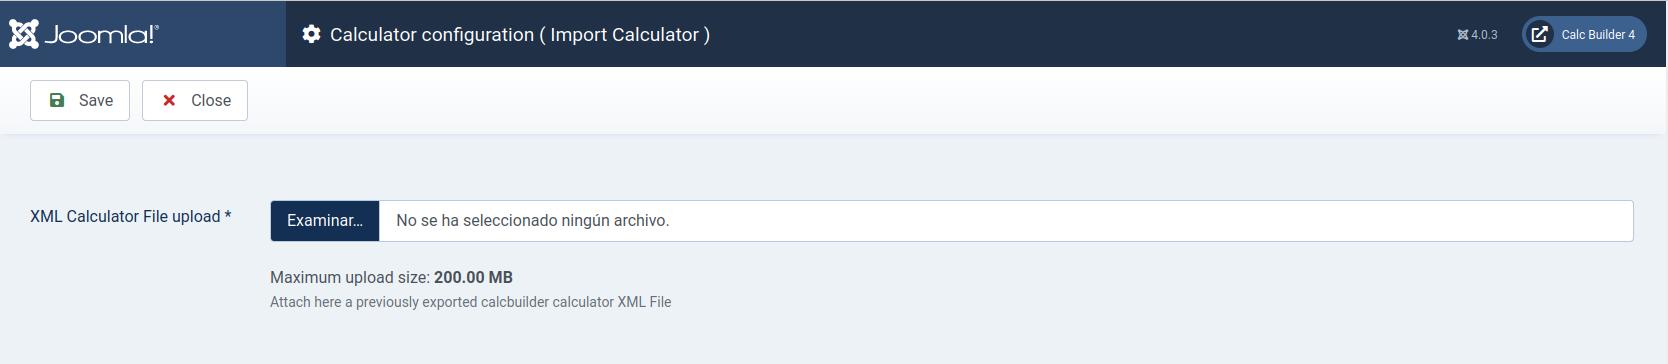 Calcbuilder for Joomla 4